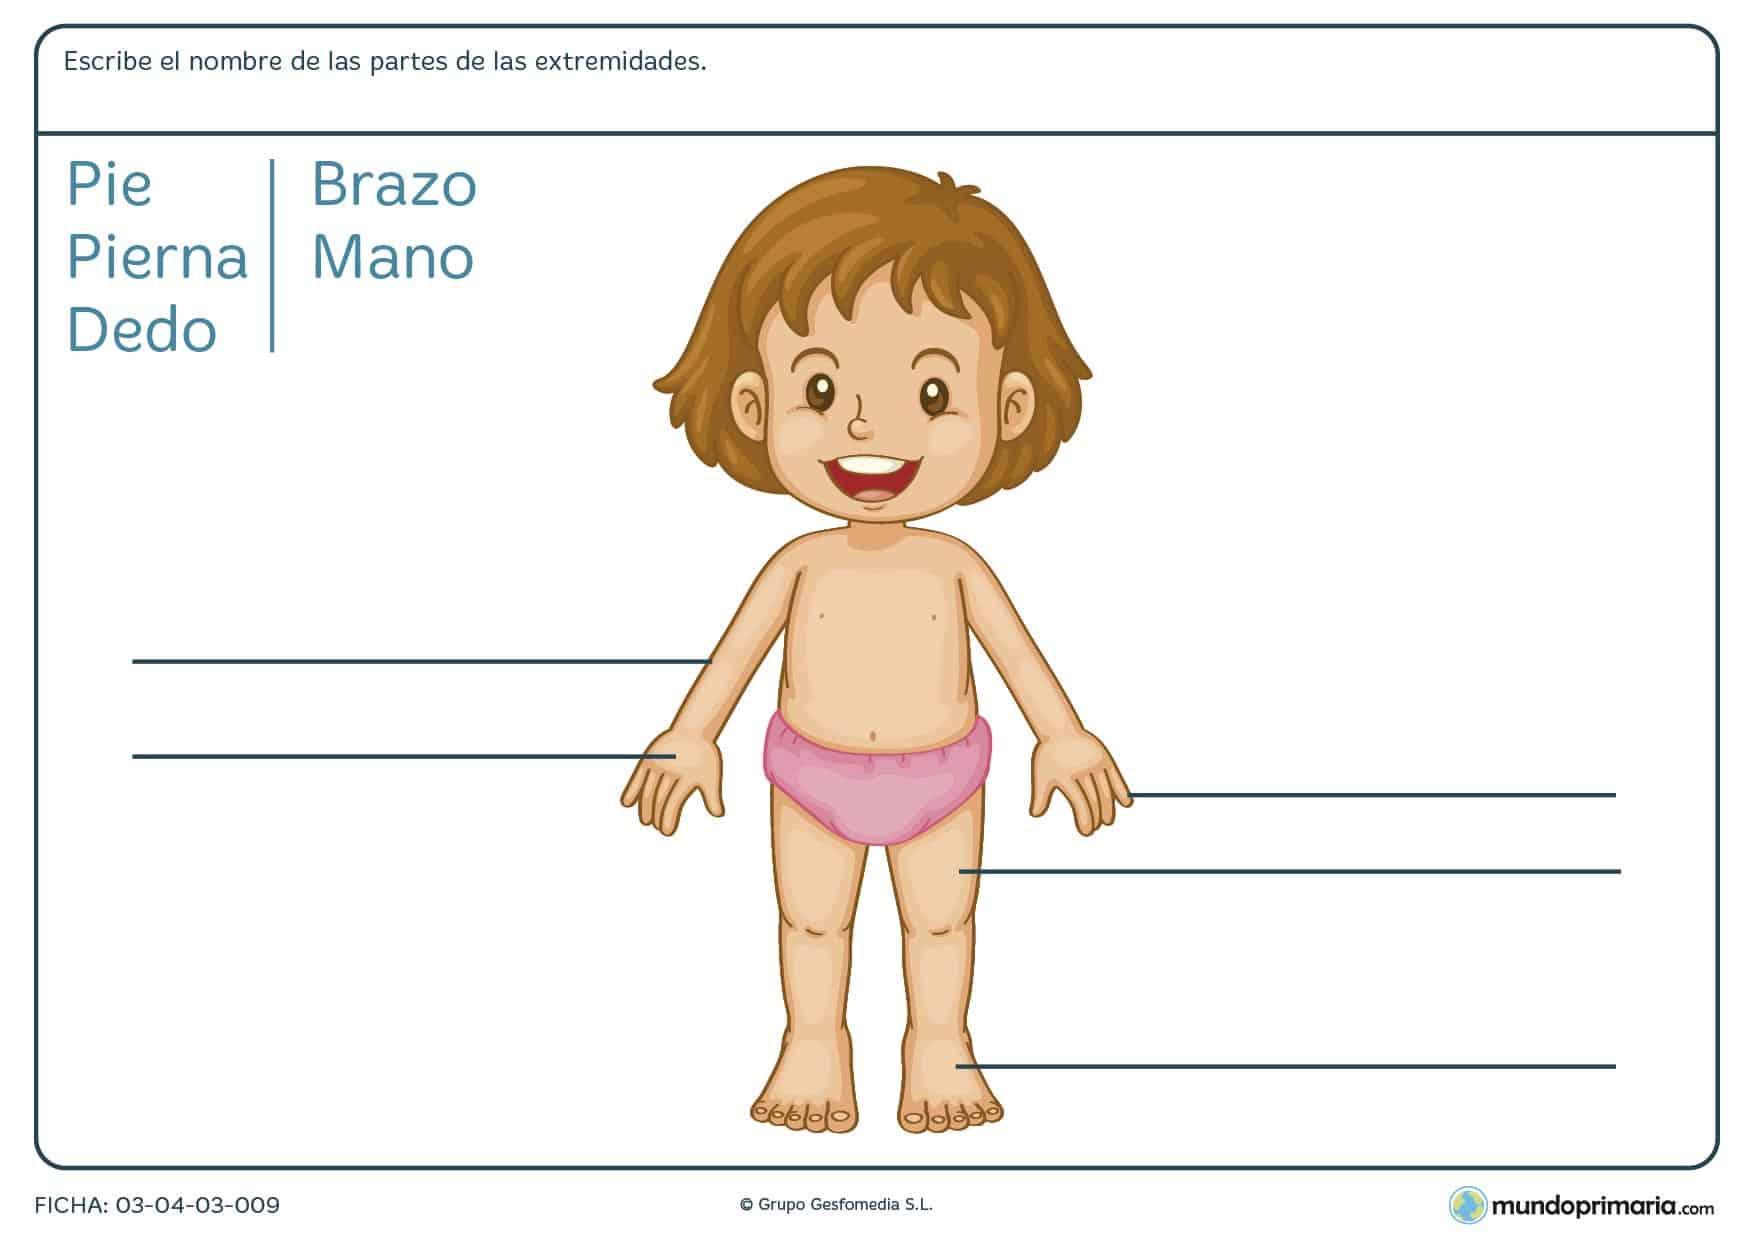 Ficha de las extremidades para que los niños de primer curso de primaria conozcan cómo se llaman las extremidades del cuerpo humano